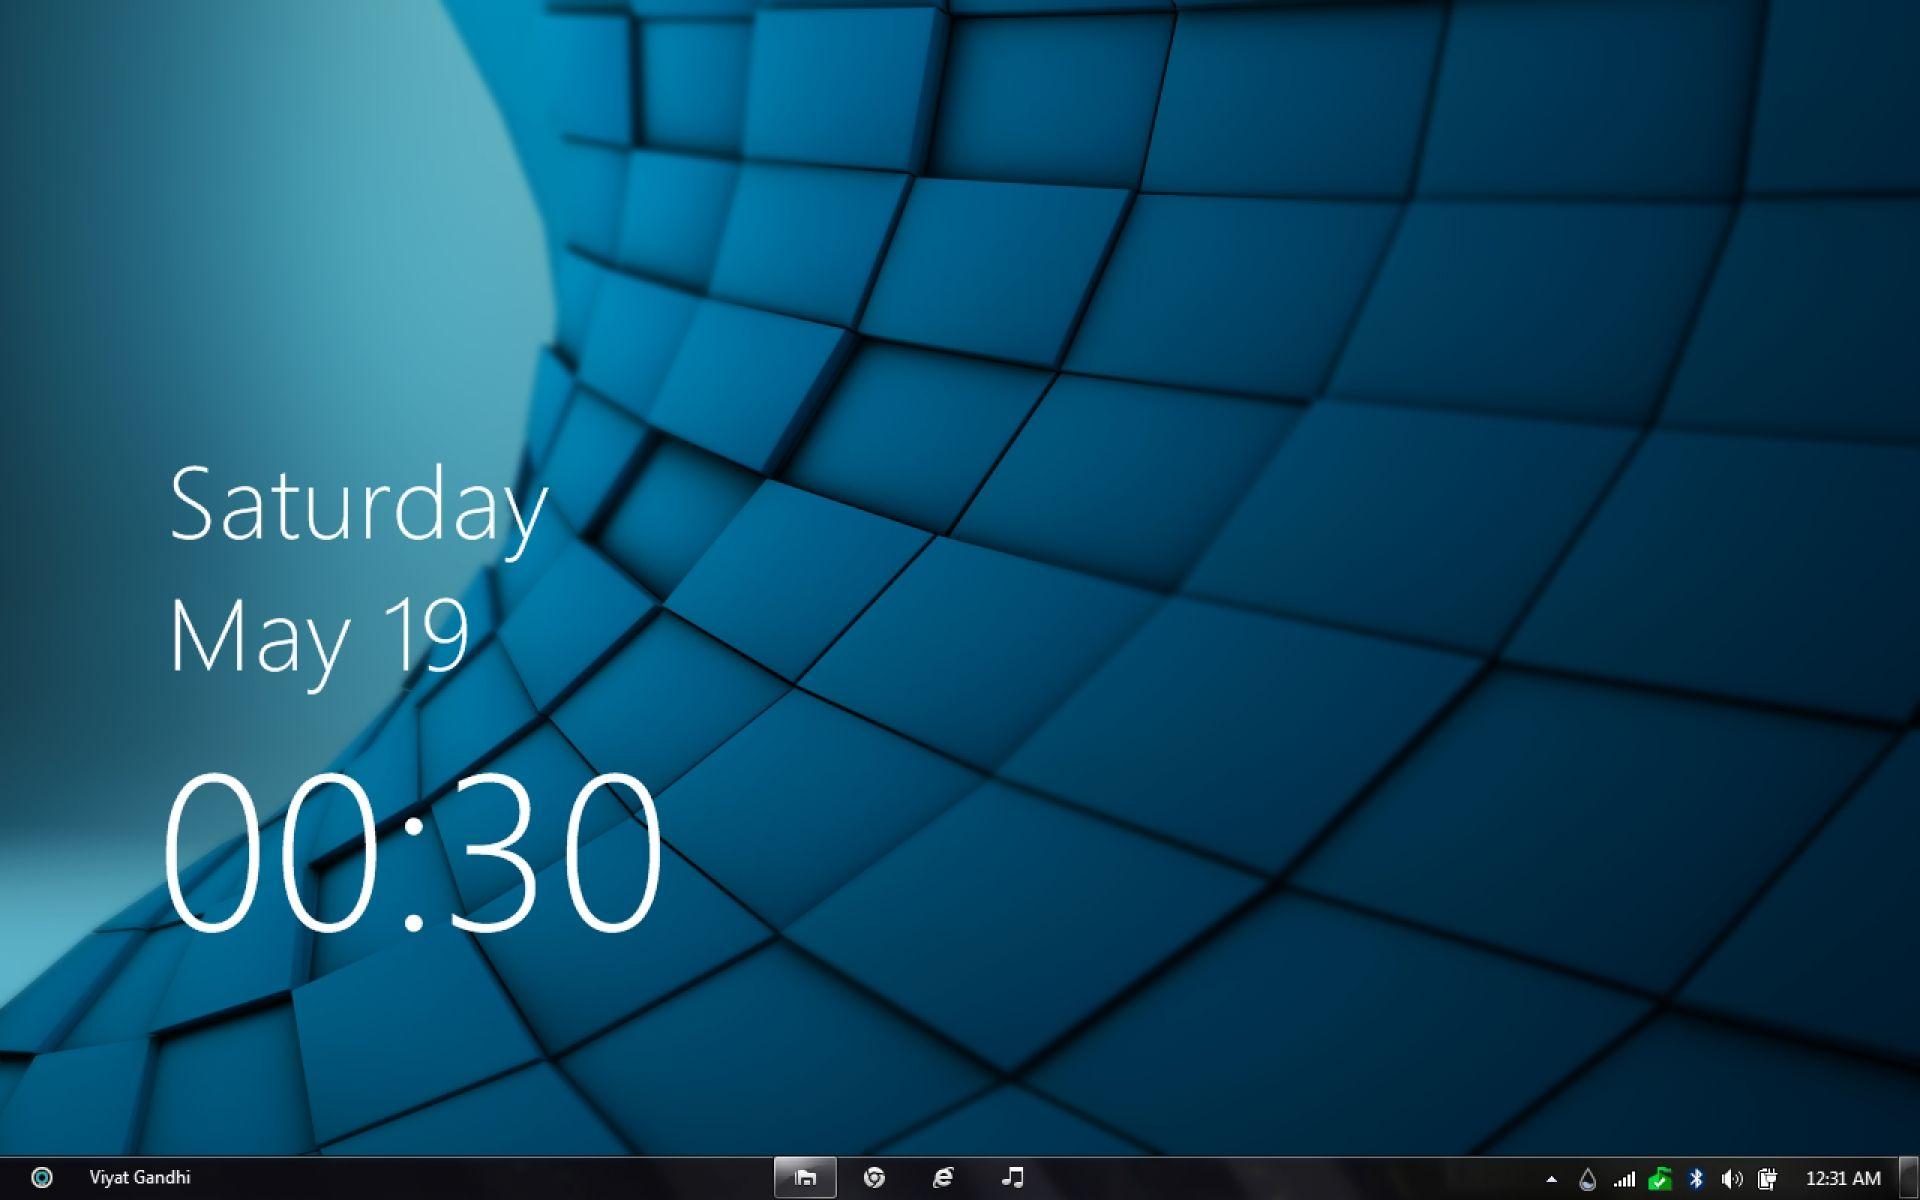 Live Desktop Wallpaper Windows 7 Bestpicturezone Com Live Wallpaper For Pc Live Wallpapers Wallpaper Windows 10